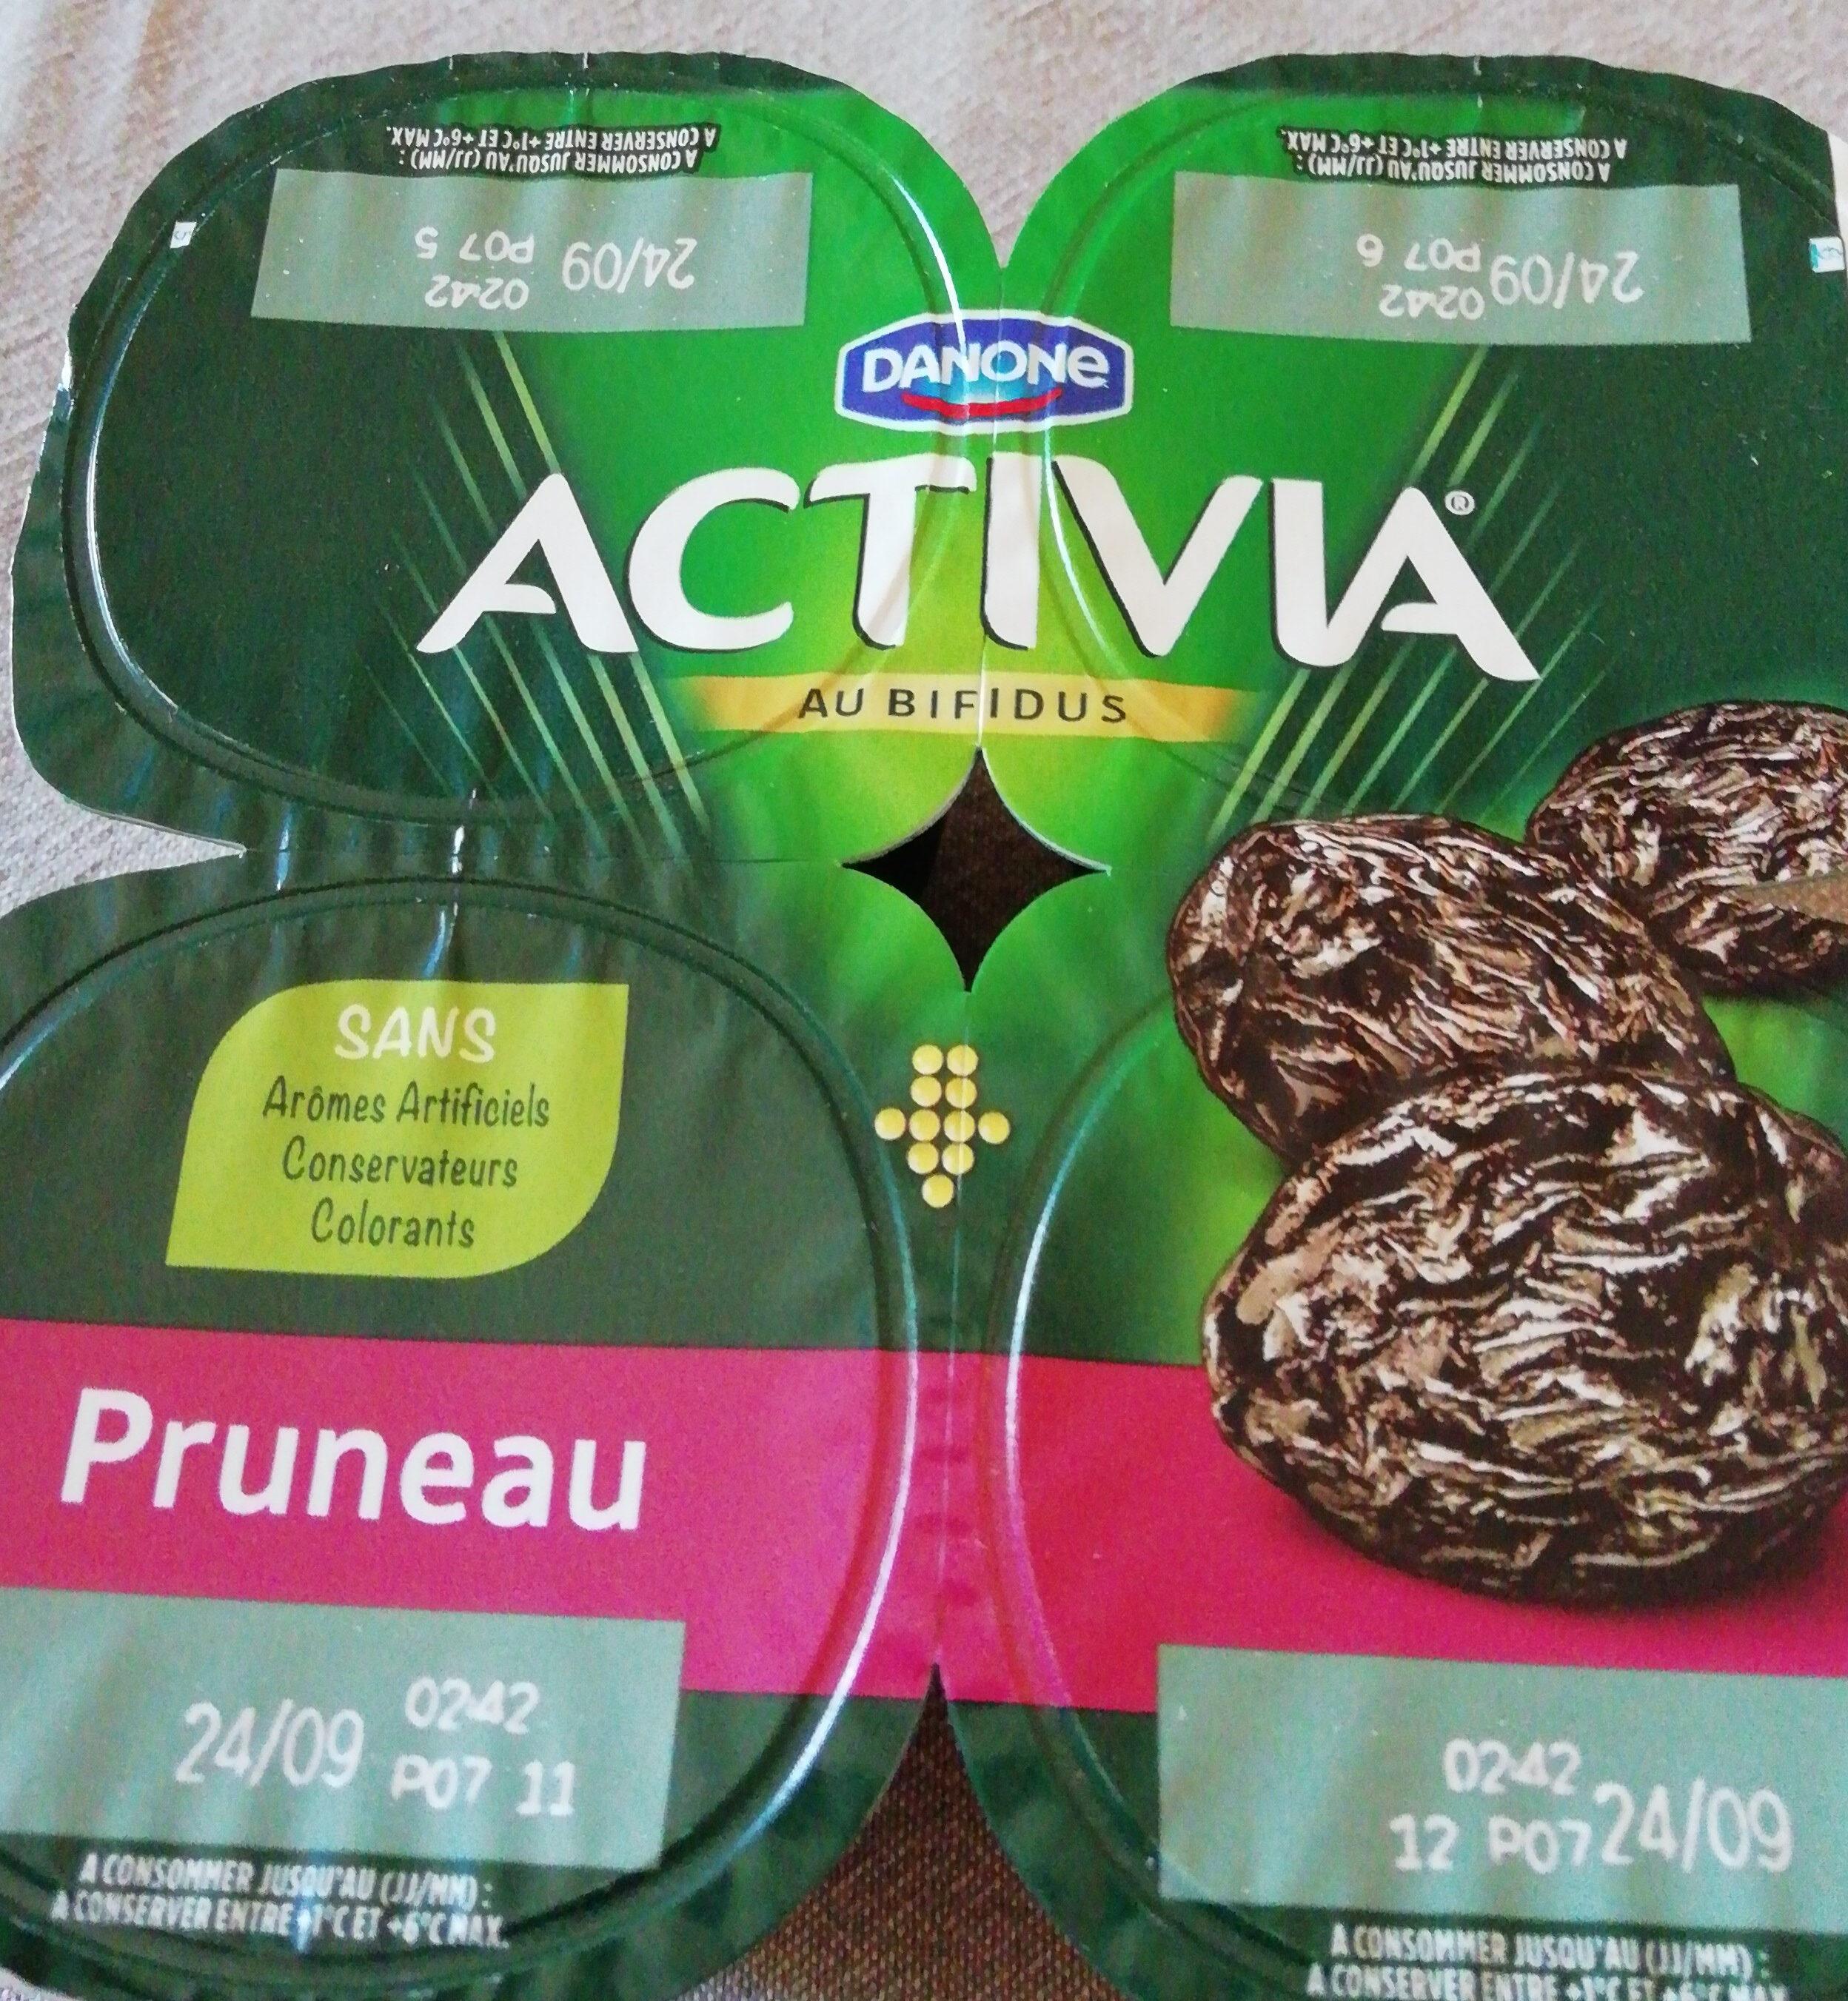 Activia saveur Pruneaux - Product